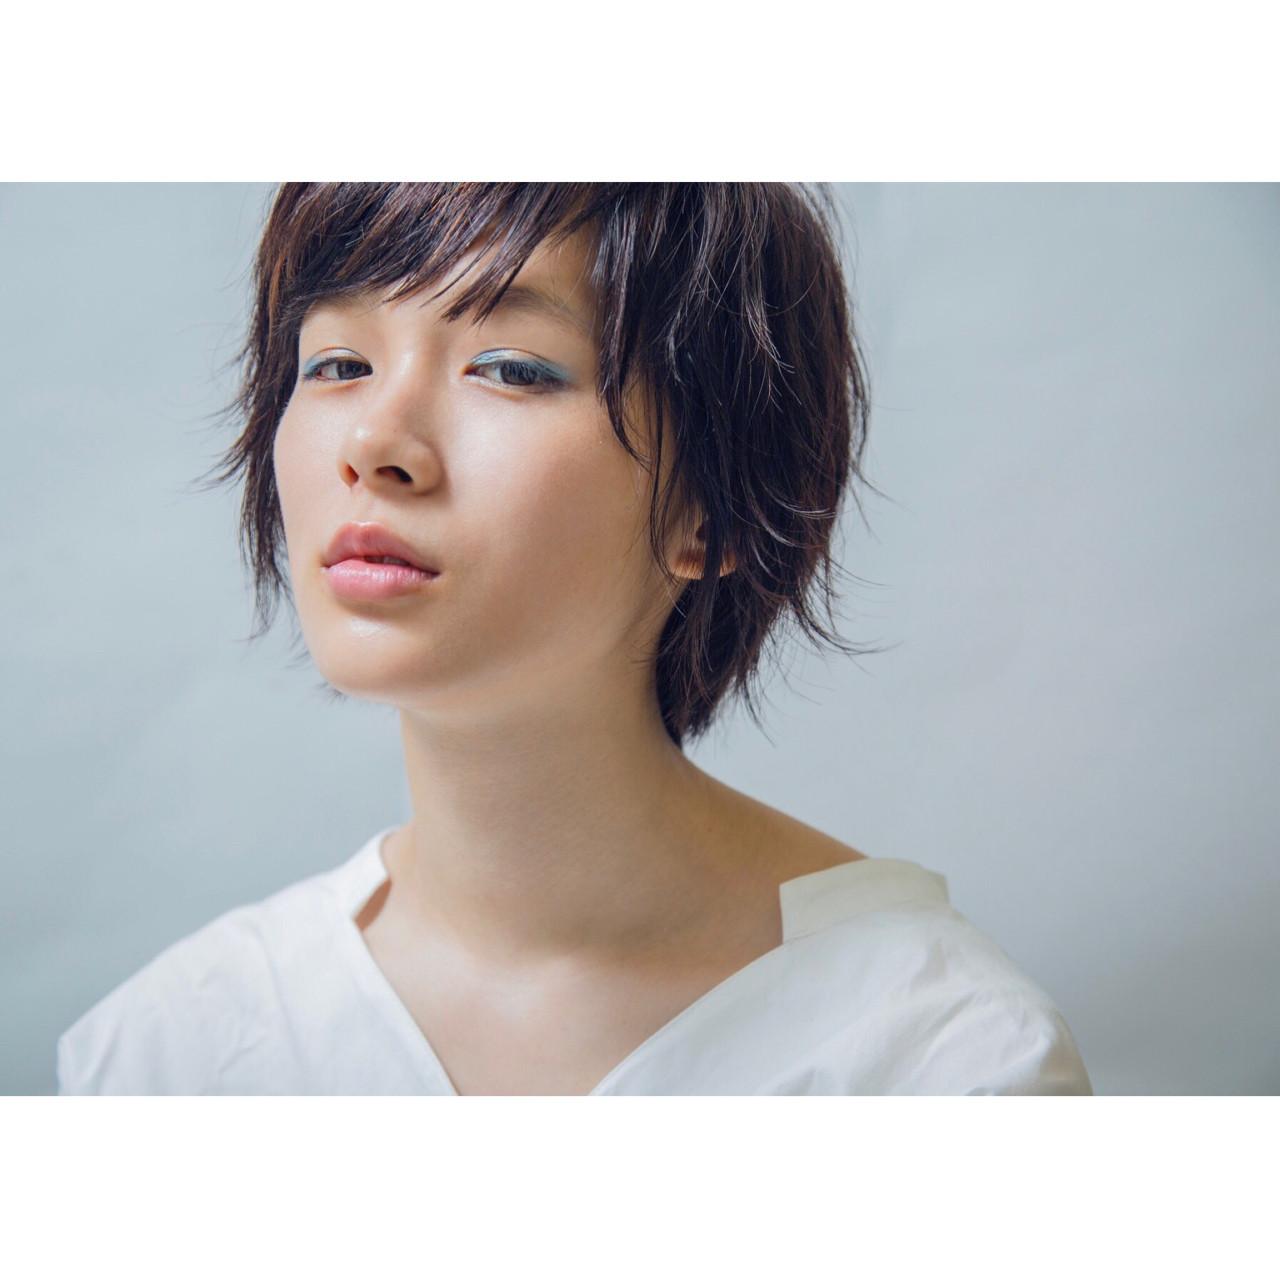 大人女子 梅雨 ショートボブ ストリート ヘアスタイルや髪型の写真・画像 | 藤原駿 / apish ginza